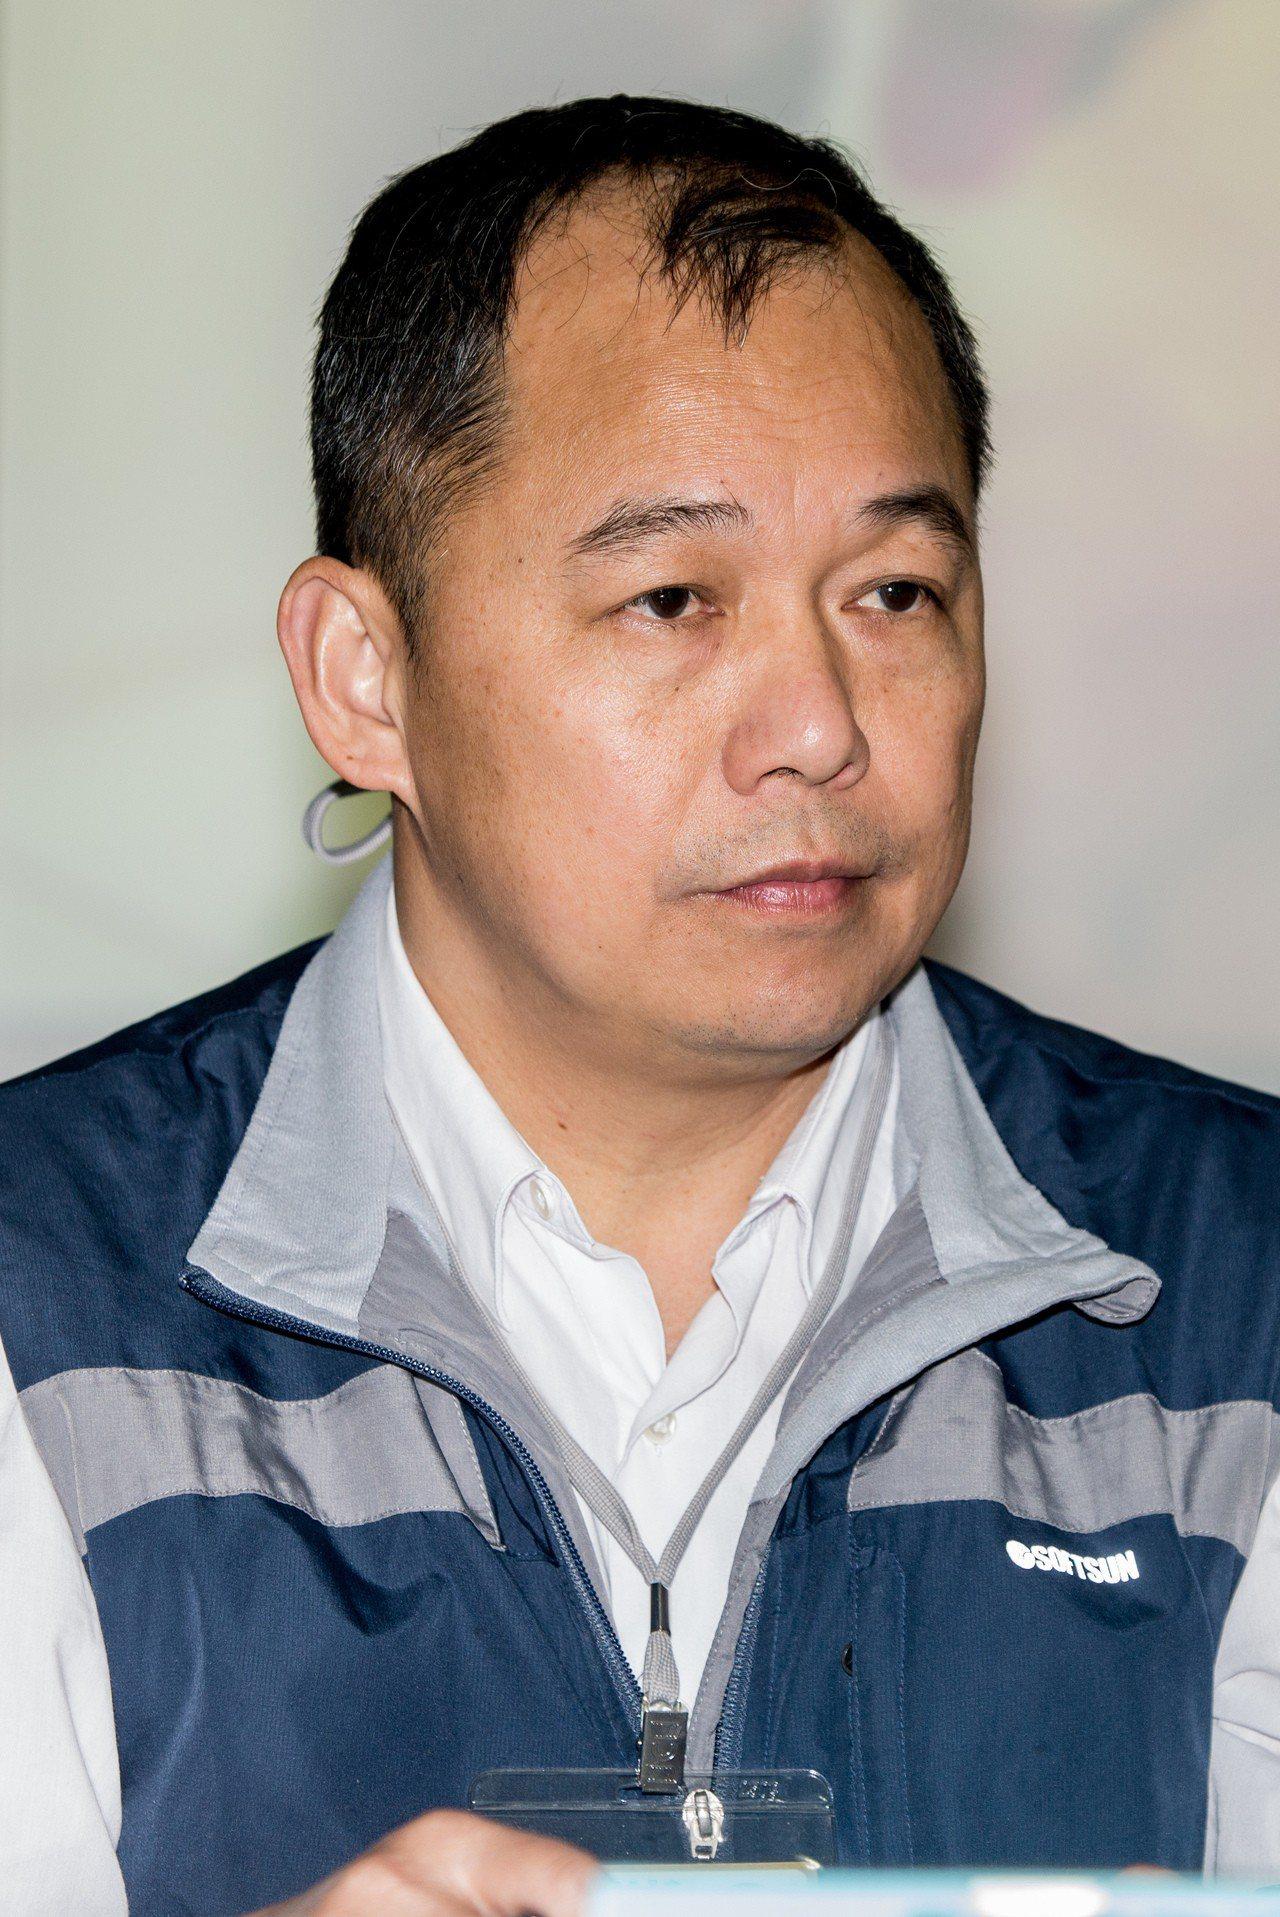 農委會防檢局組長彭明興。本報資料照片